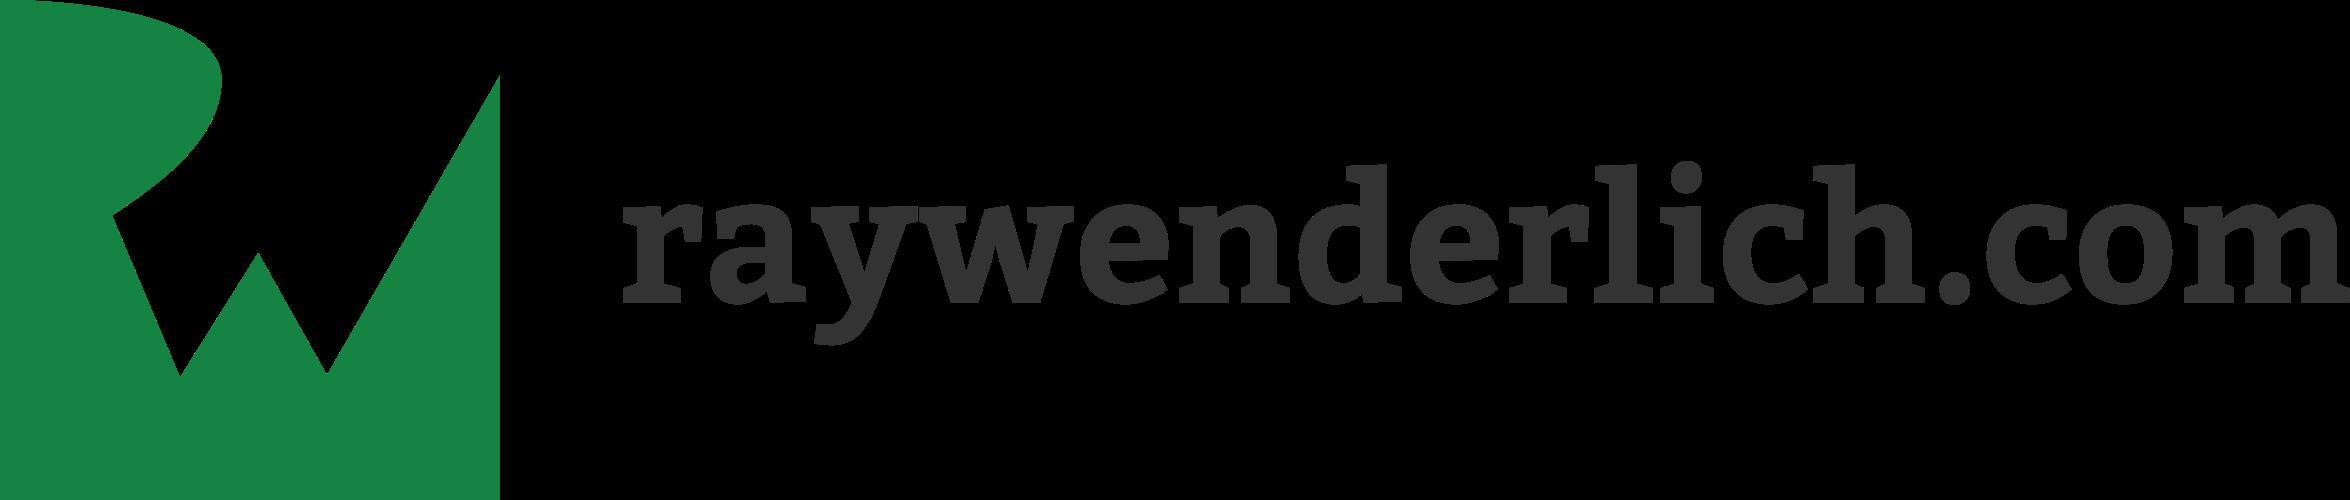 raywenderlich_logo